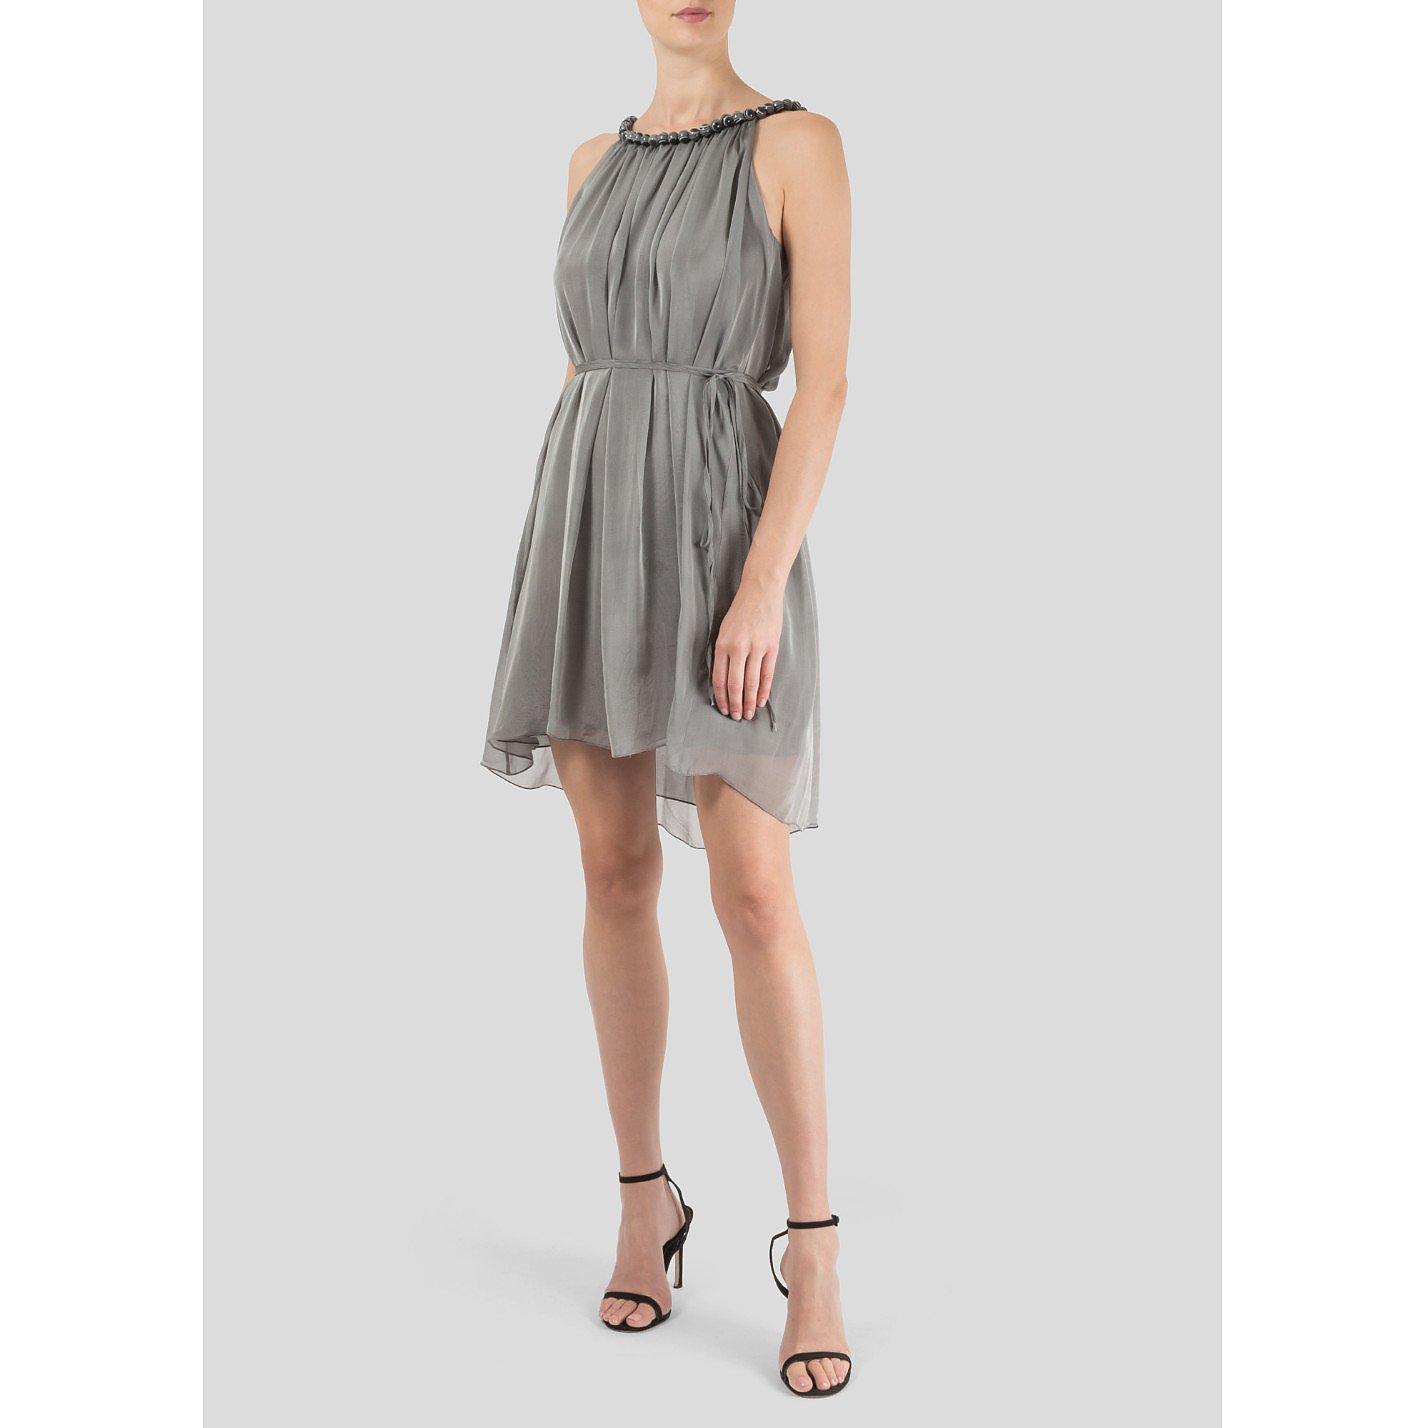 Thomas Wylde Silk Mini Dress with Beaded Neckline